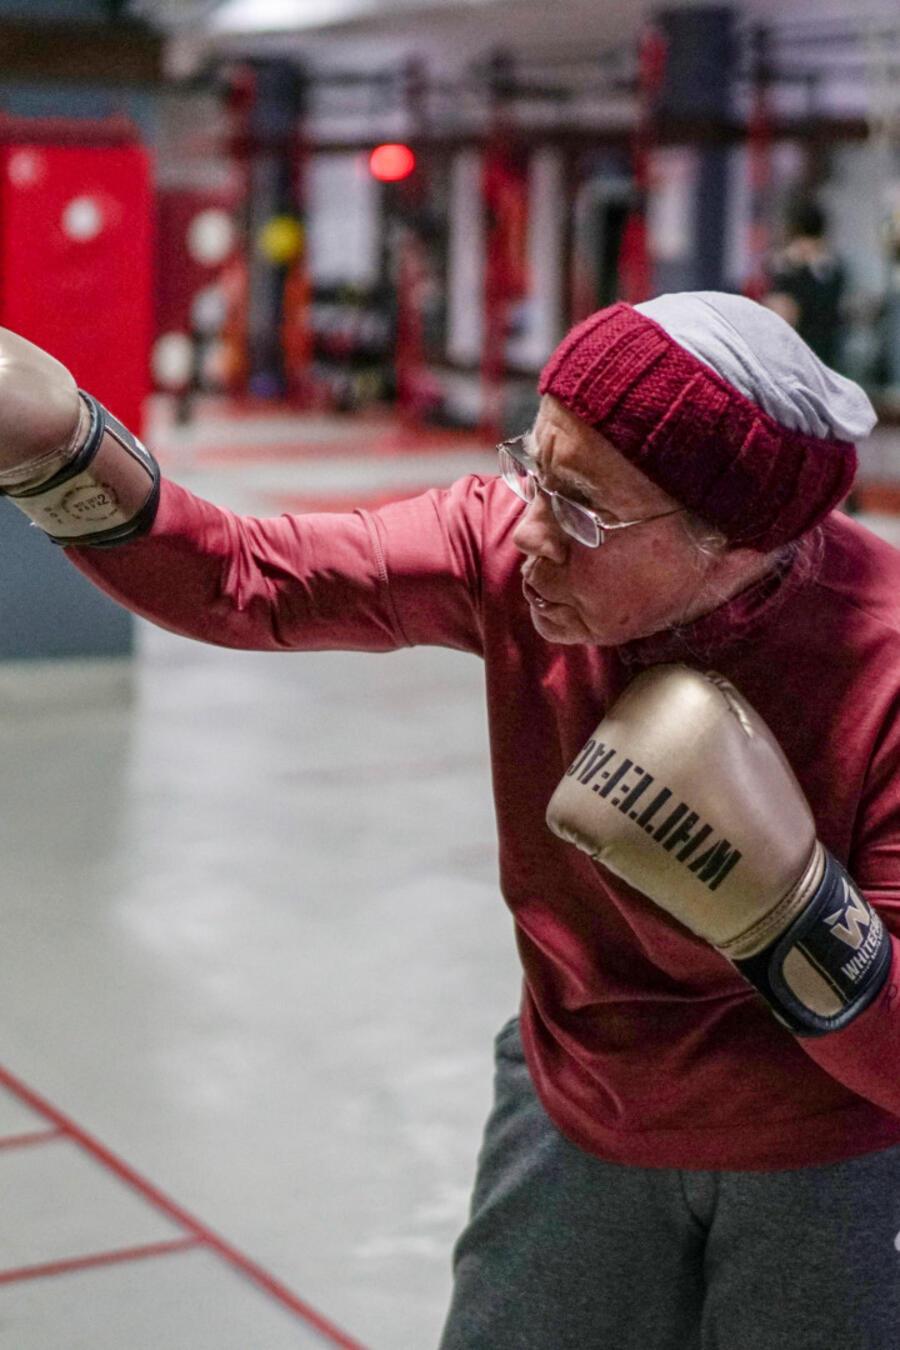 Abuela boxea contra la enfermedad de Parkinson en Turquía